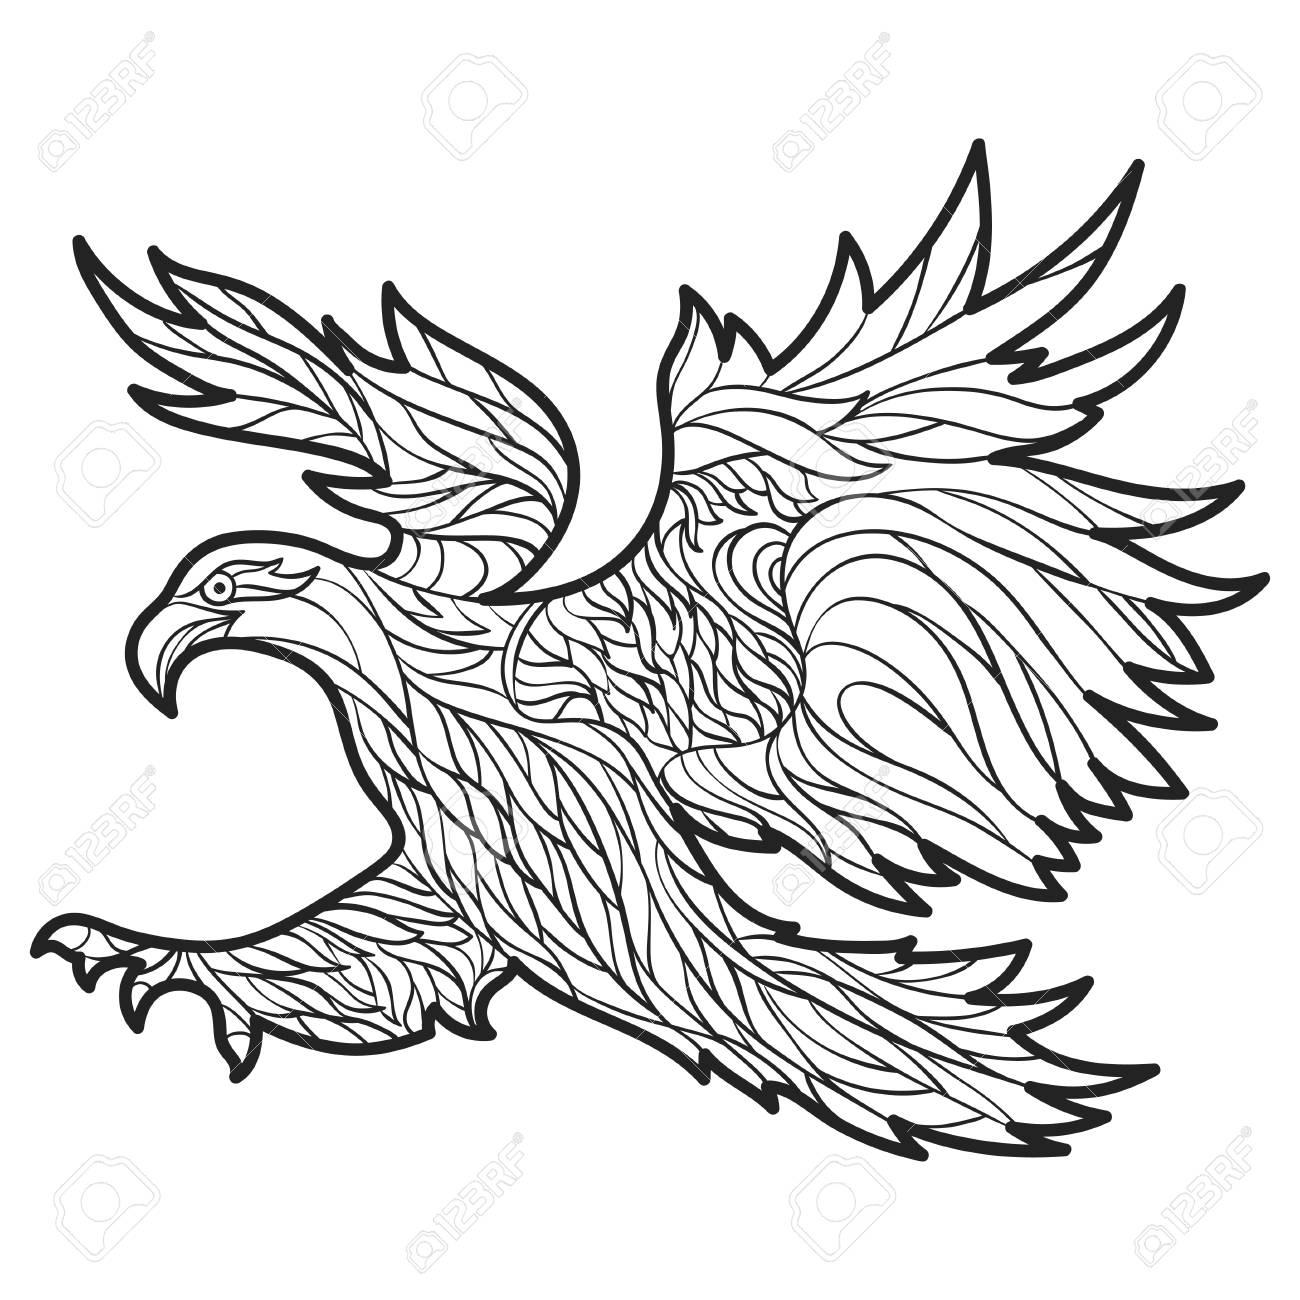 Vector Mano Monocromo Dibujado Ilustración De águila. Página Para ...